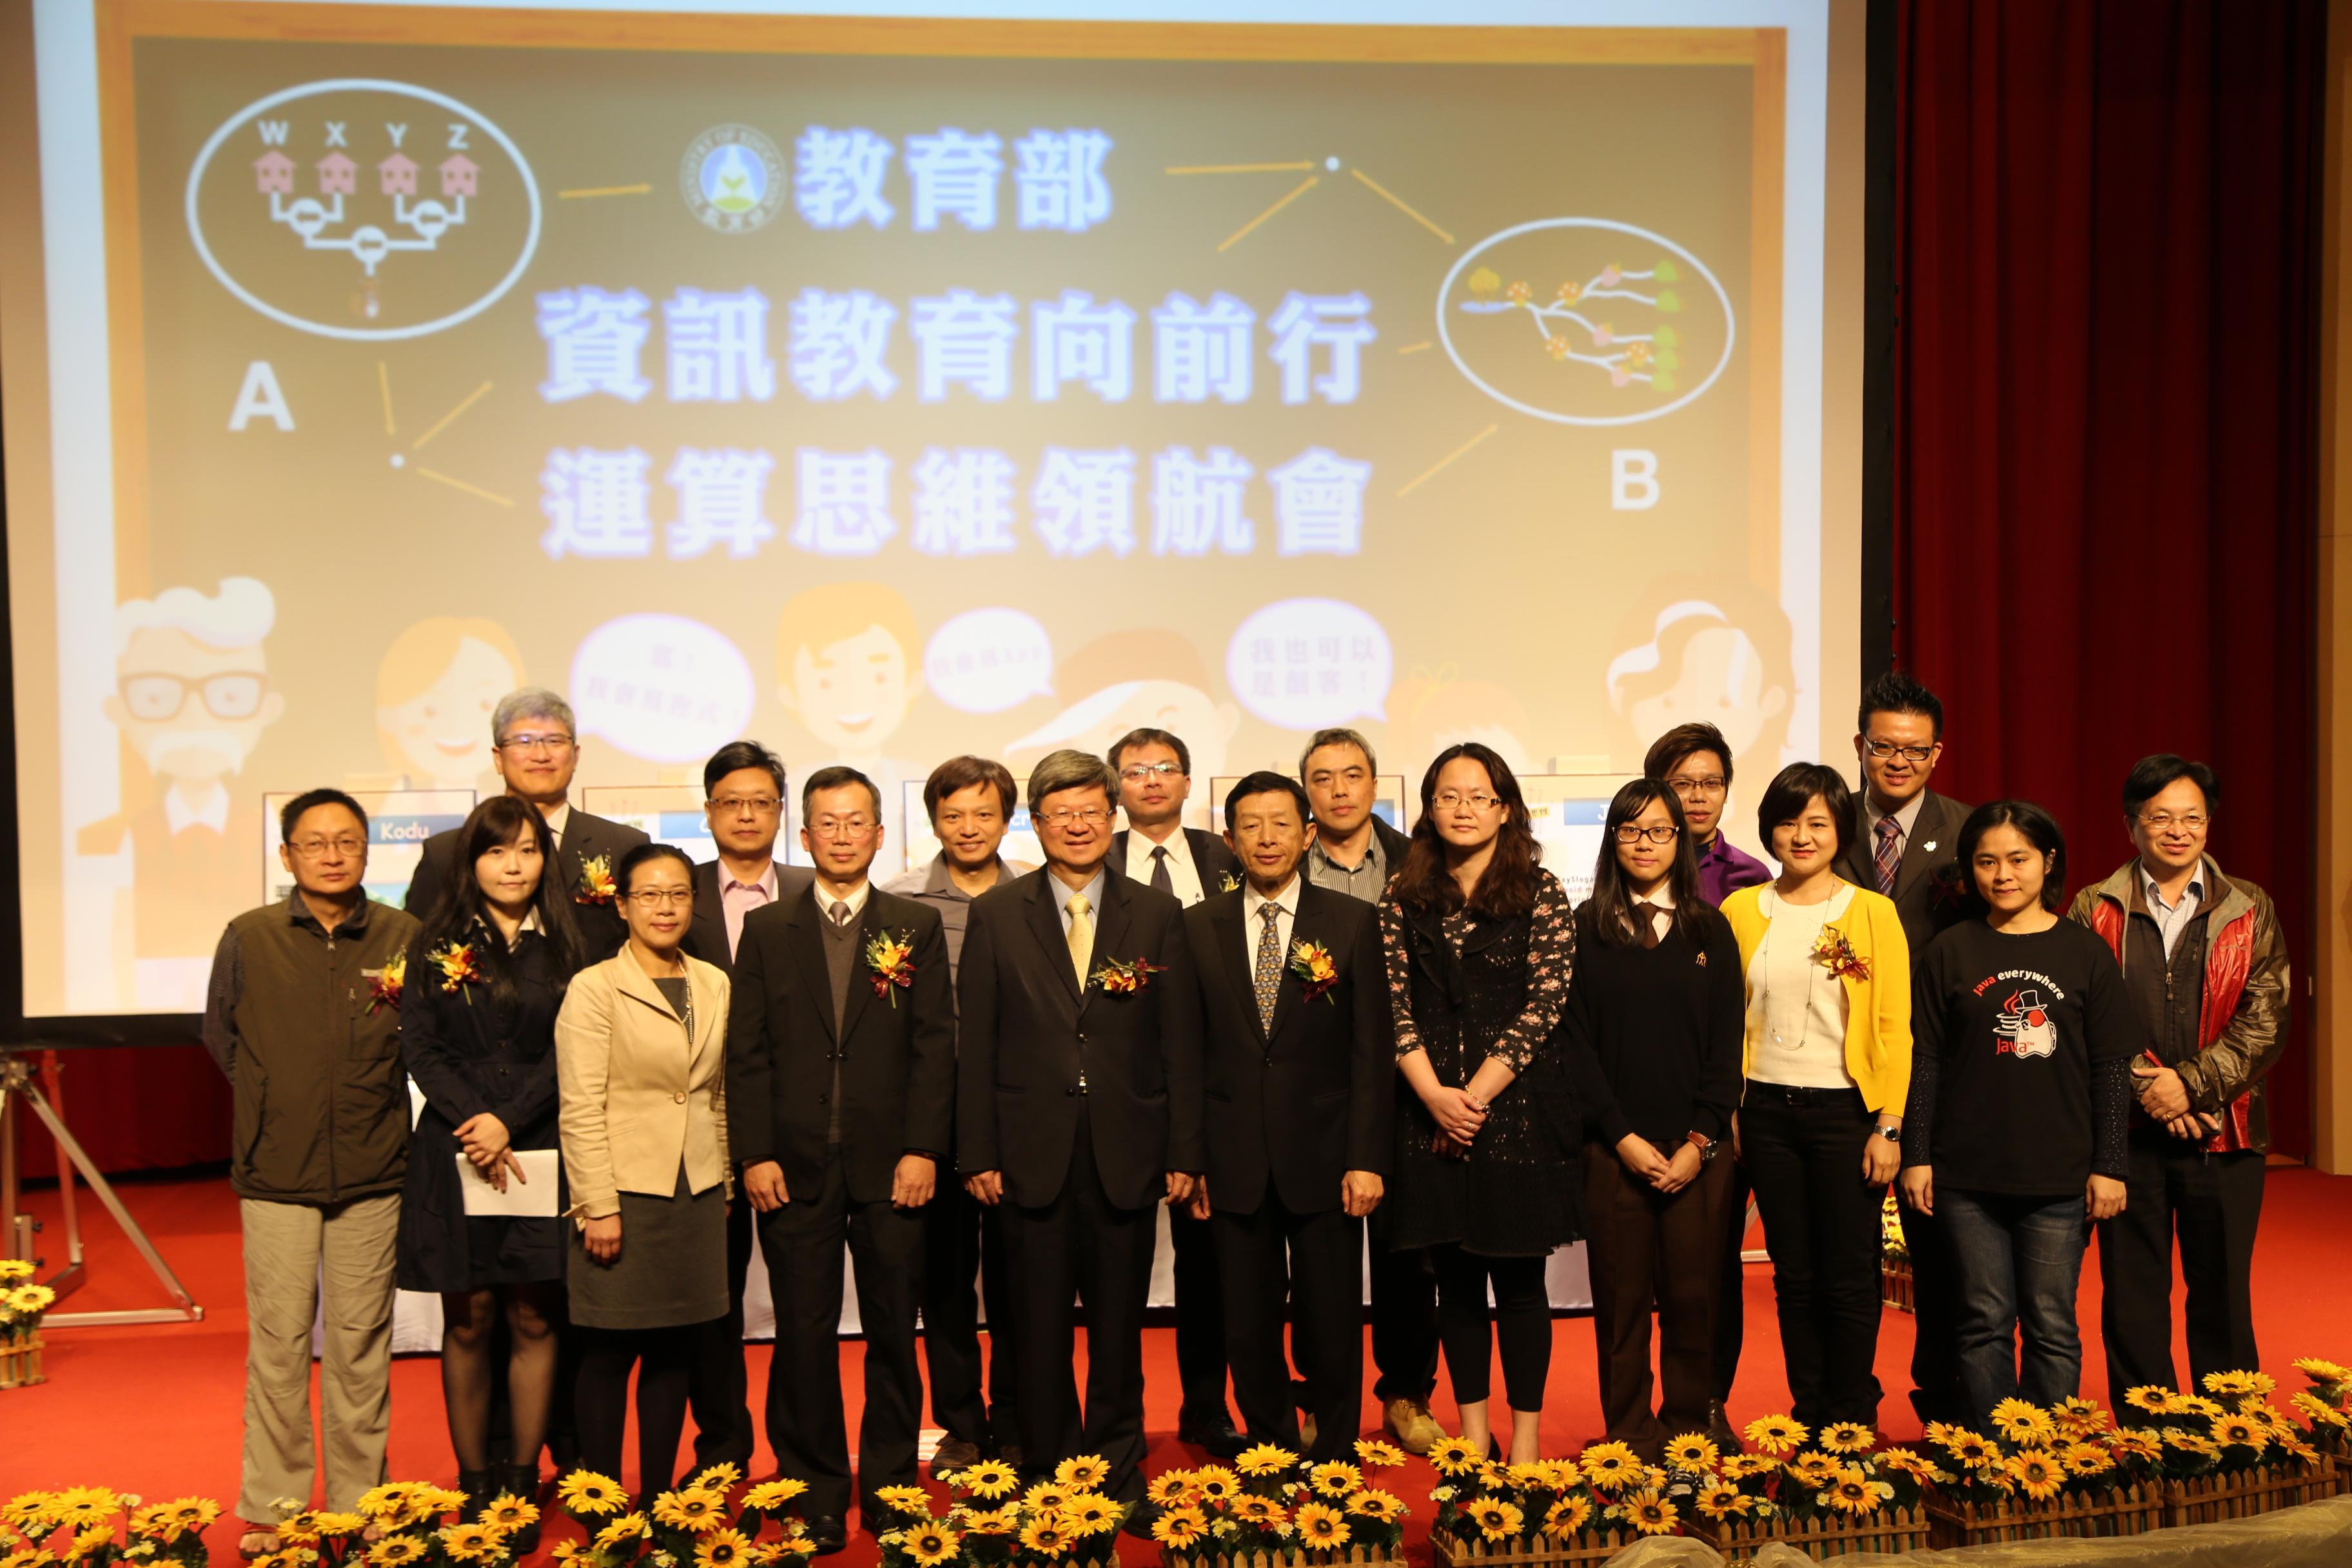 部長與縣市代表、民間單位合照